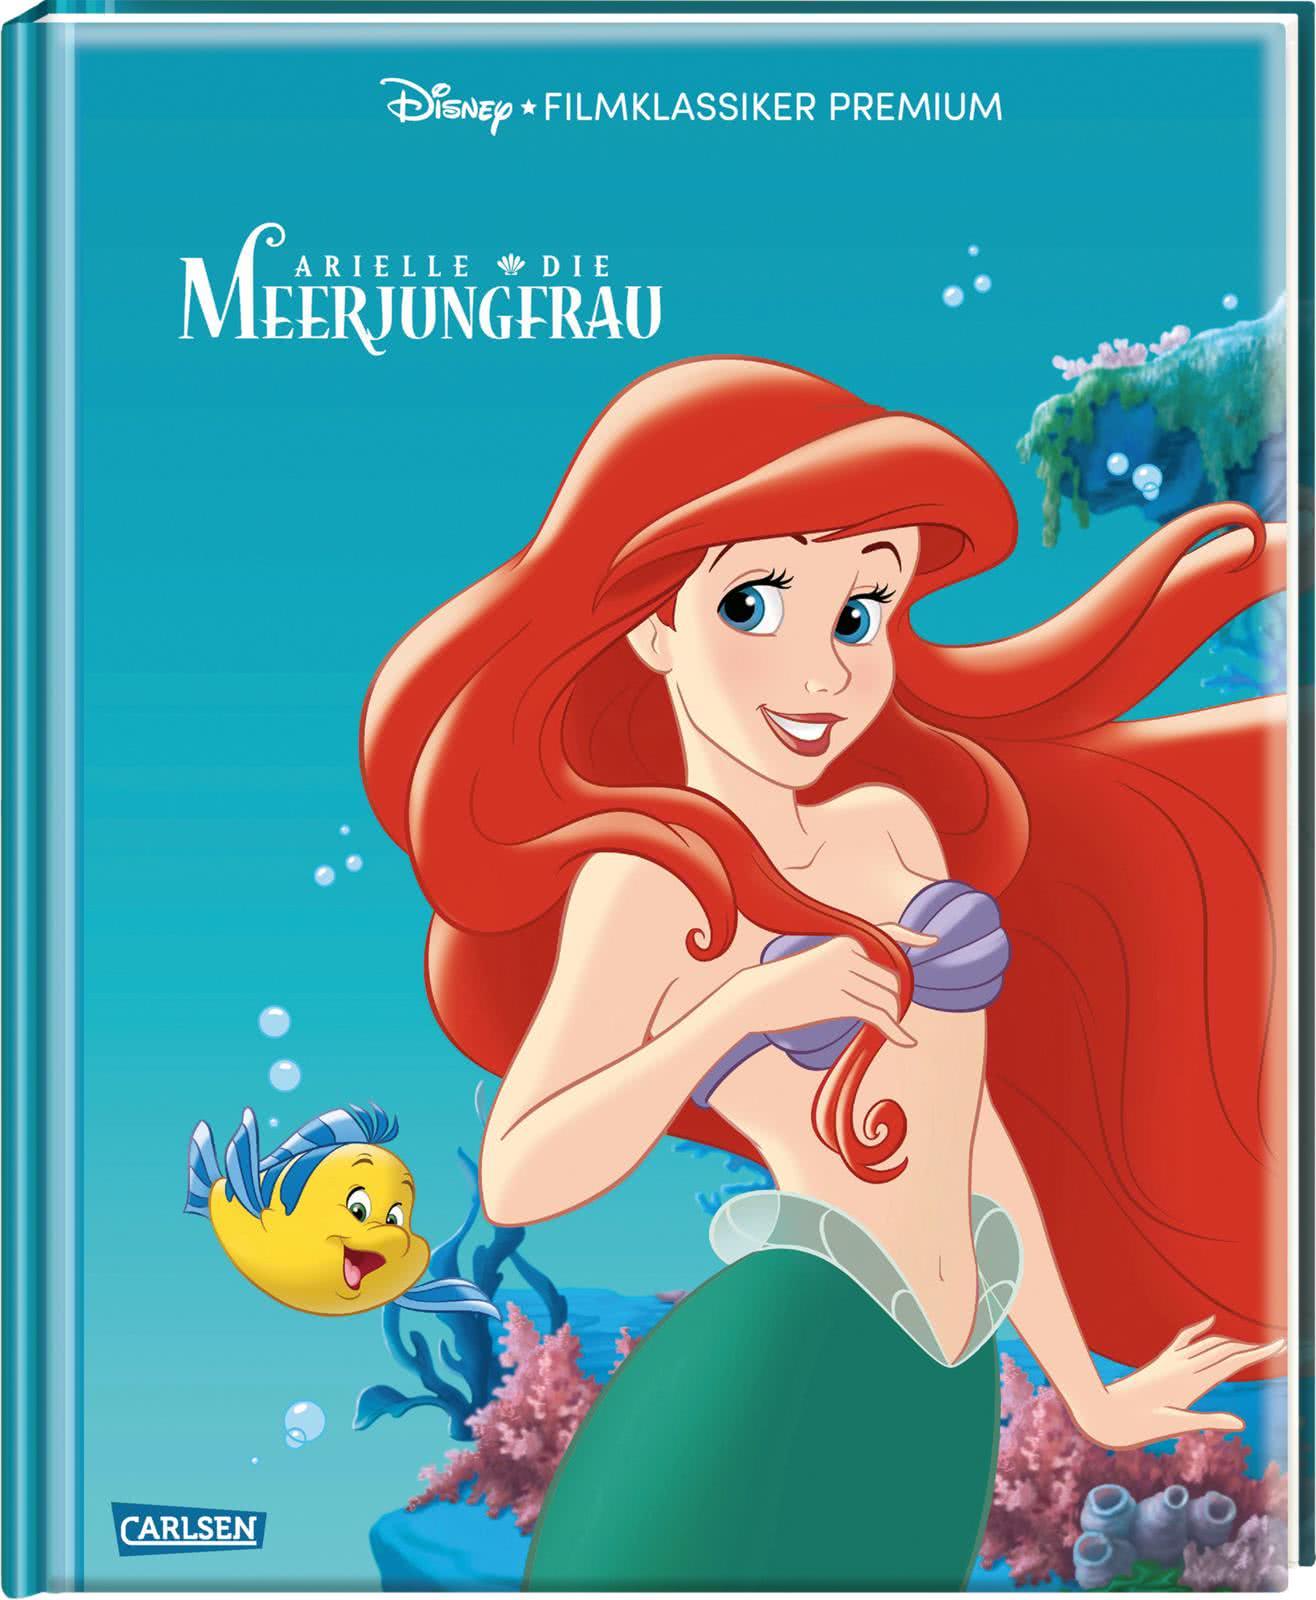 Disney - Filmklassiker Premium: Arielle - Die Meerjungfrau